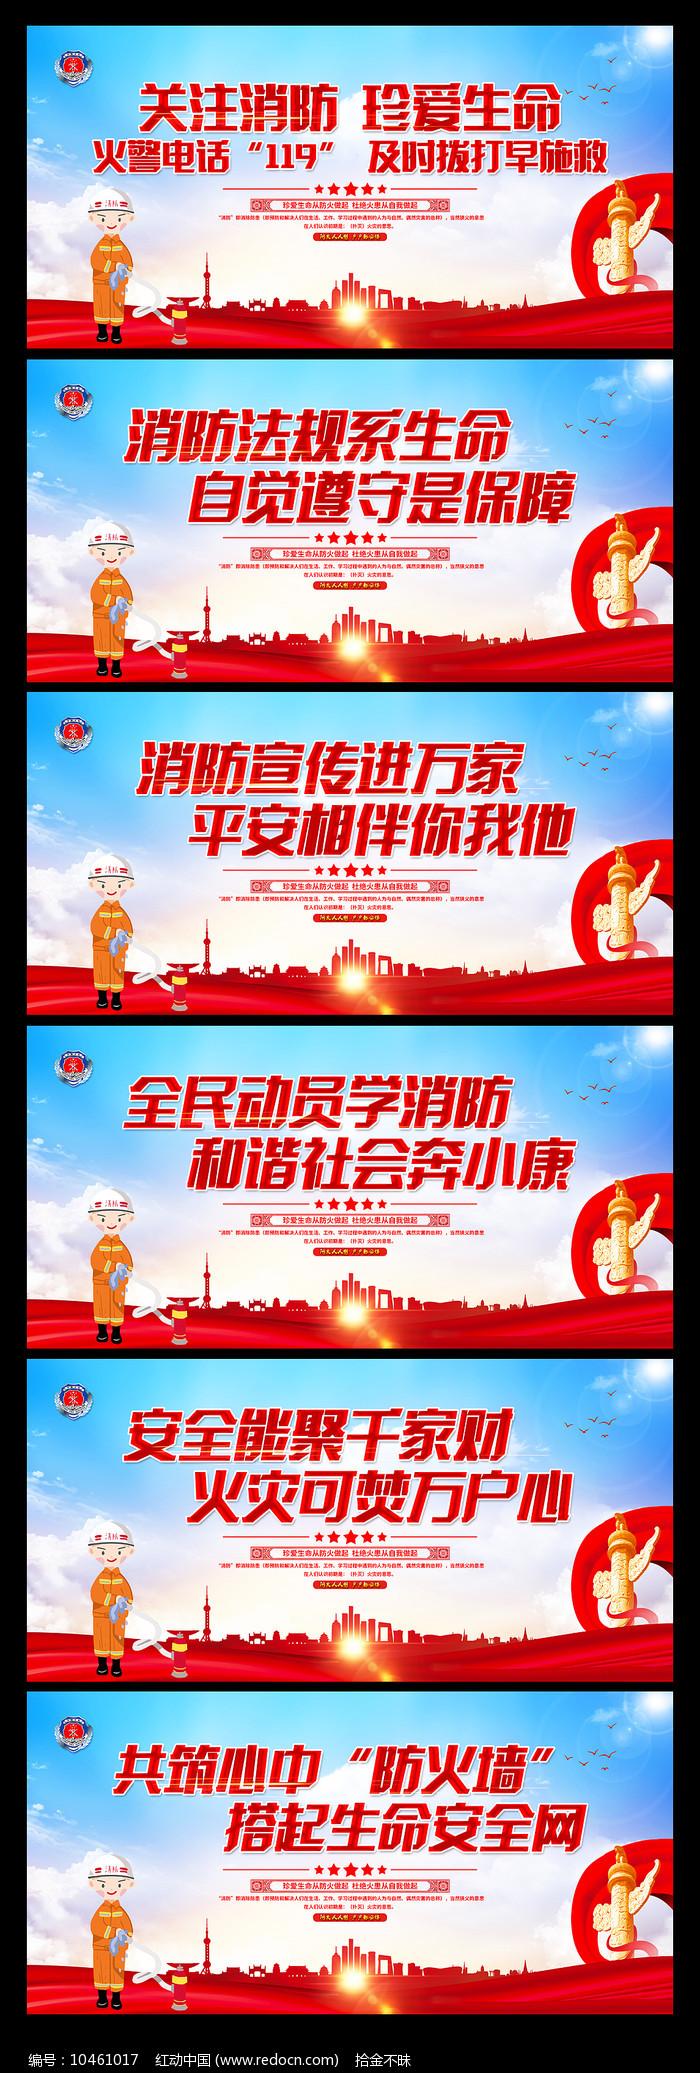 红色消防安全标语社区宣传展板设计图片